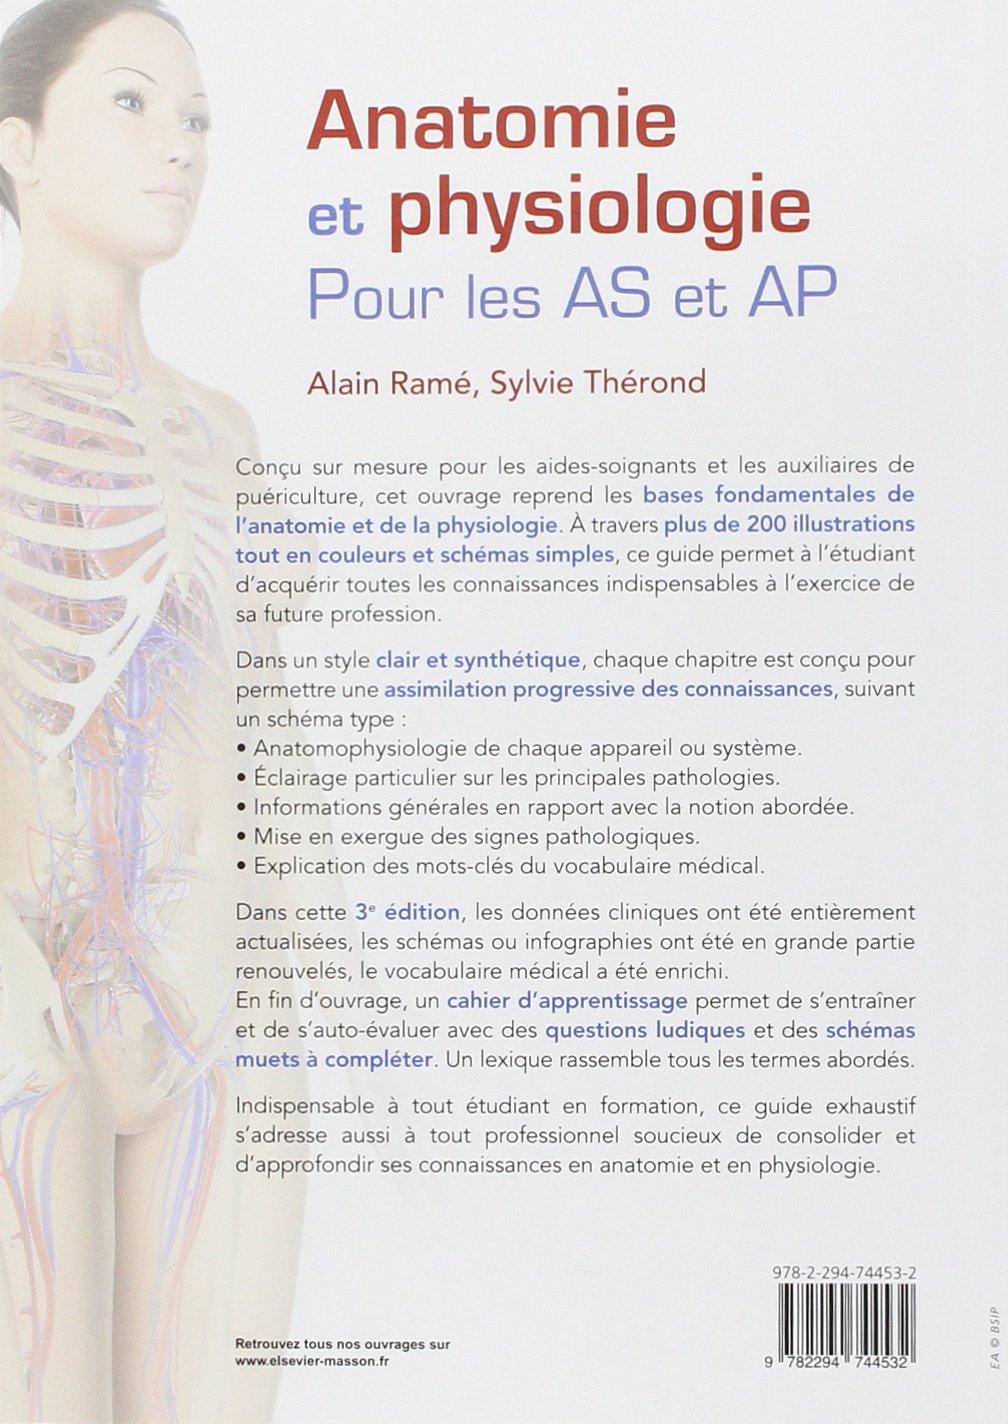 Amazon.fr - Anatomie et physiologie pour les AS et AP: Avec cahier d ...